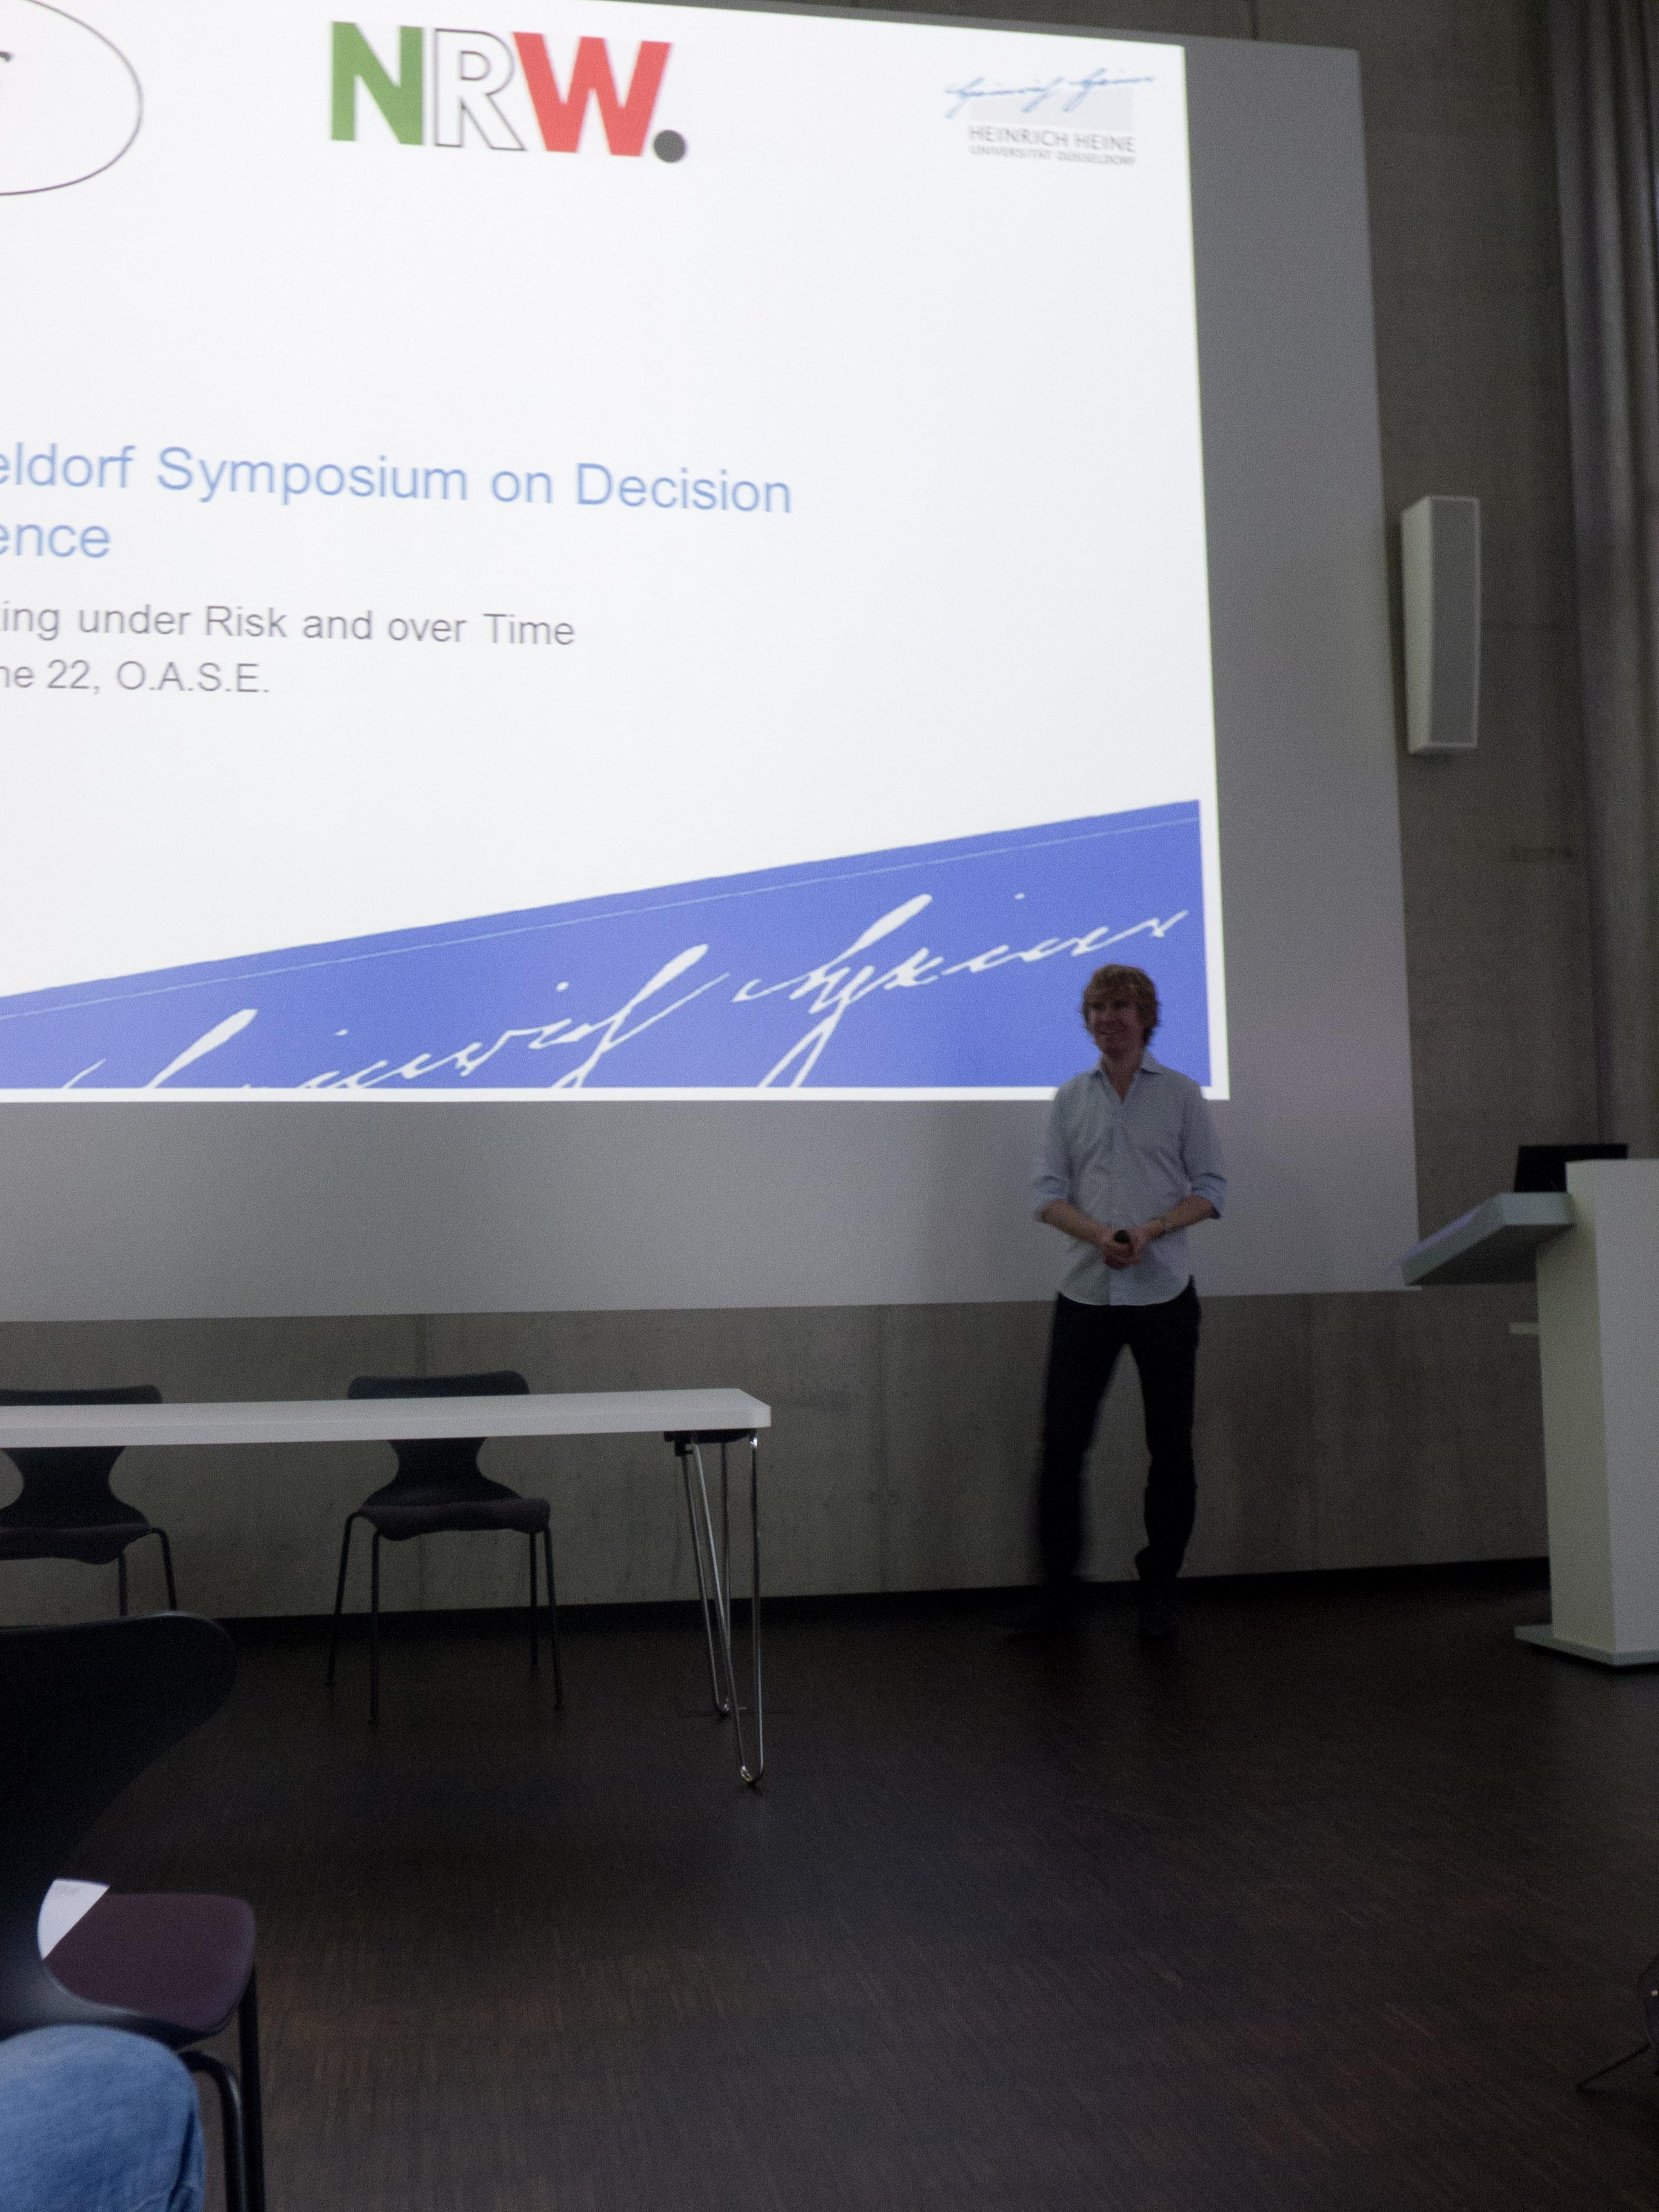 symposium-duesseldorfbr-13 (1)